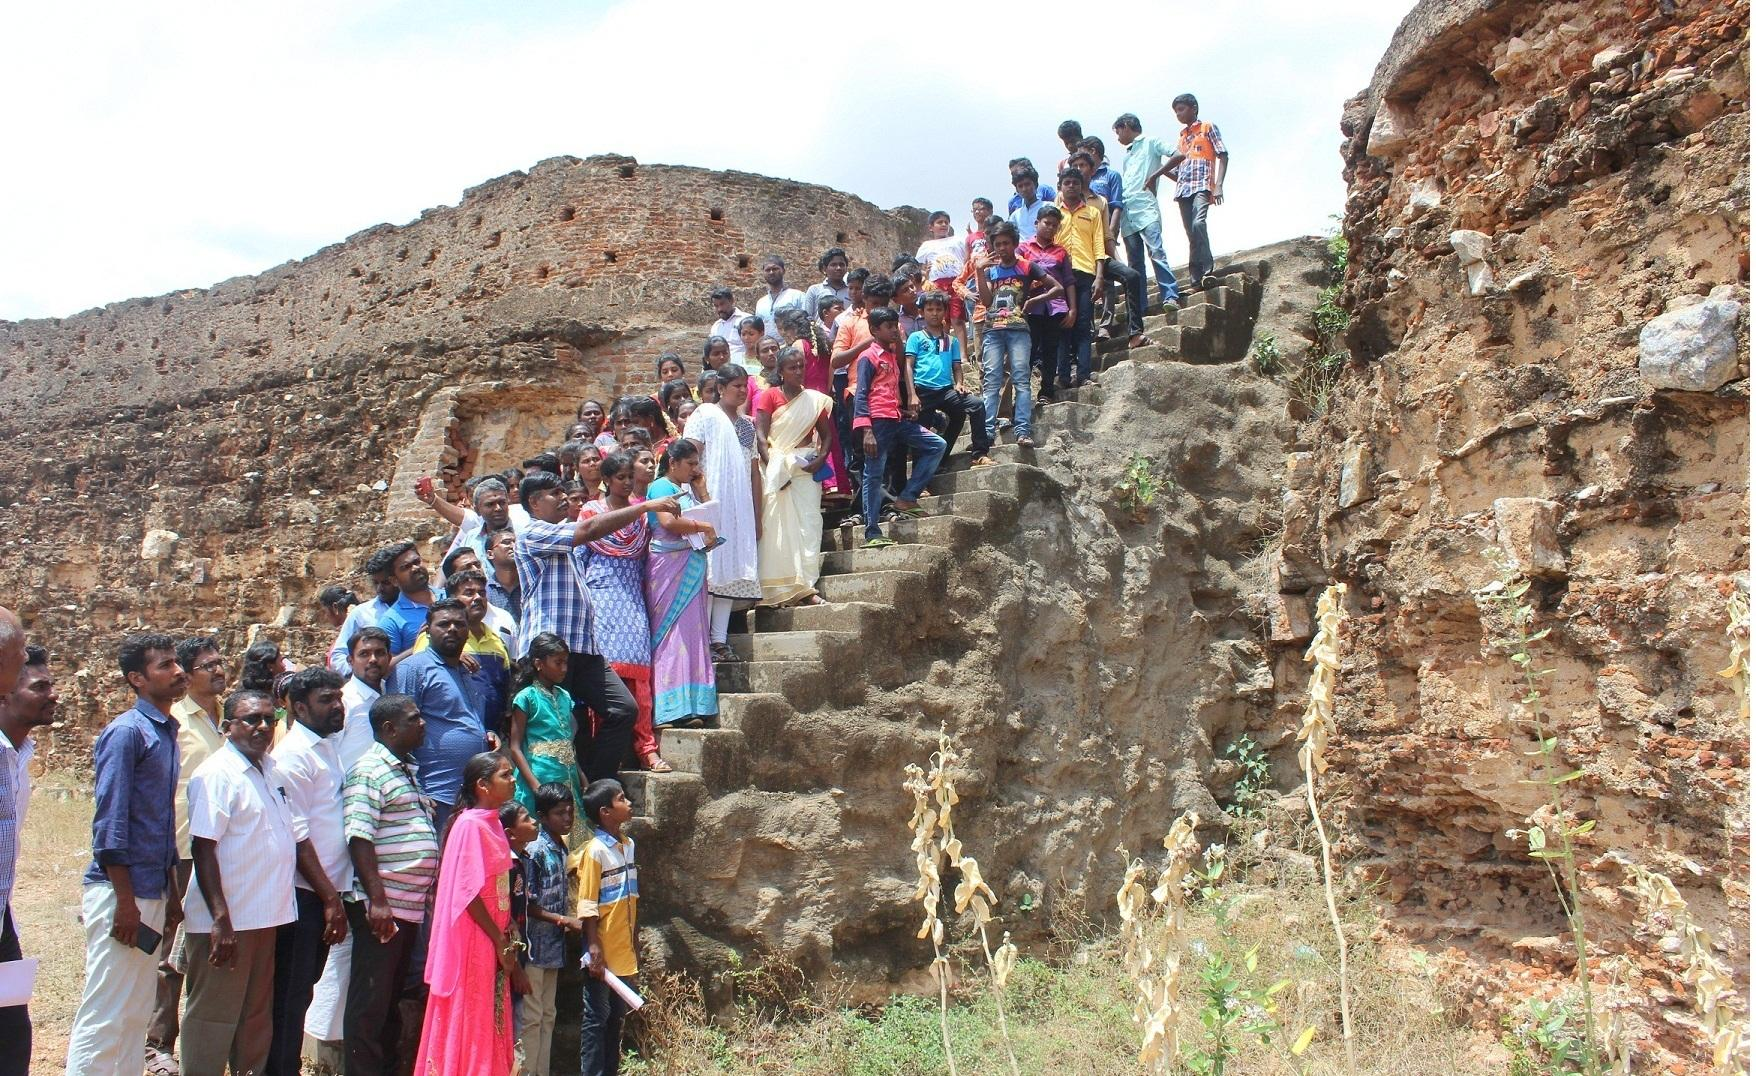 மரபு நடை மேற்கொள்ளப்பட்ட கமுதி கோட்டை